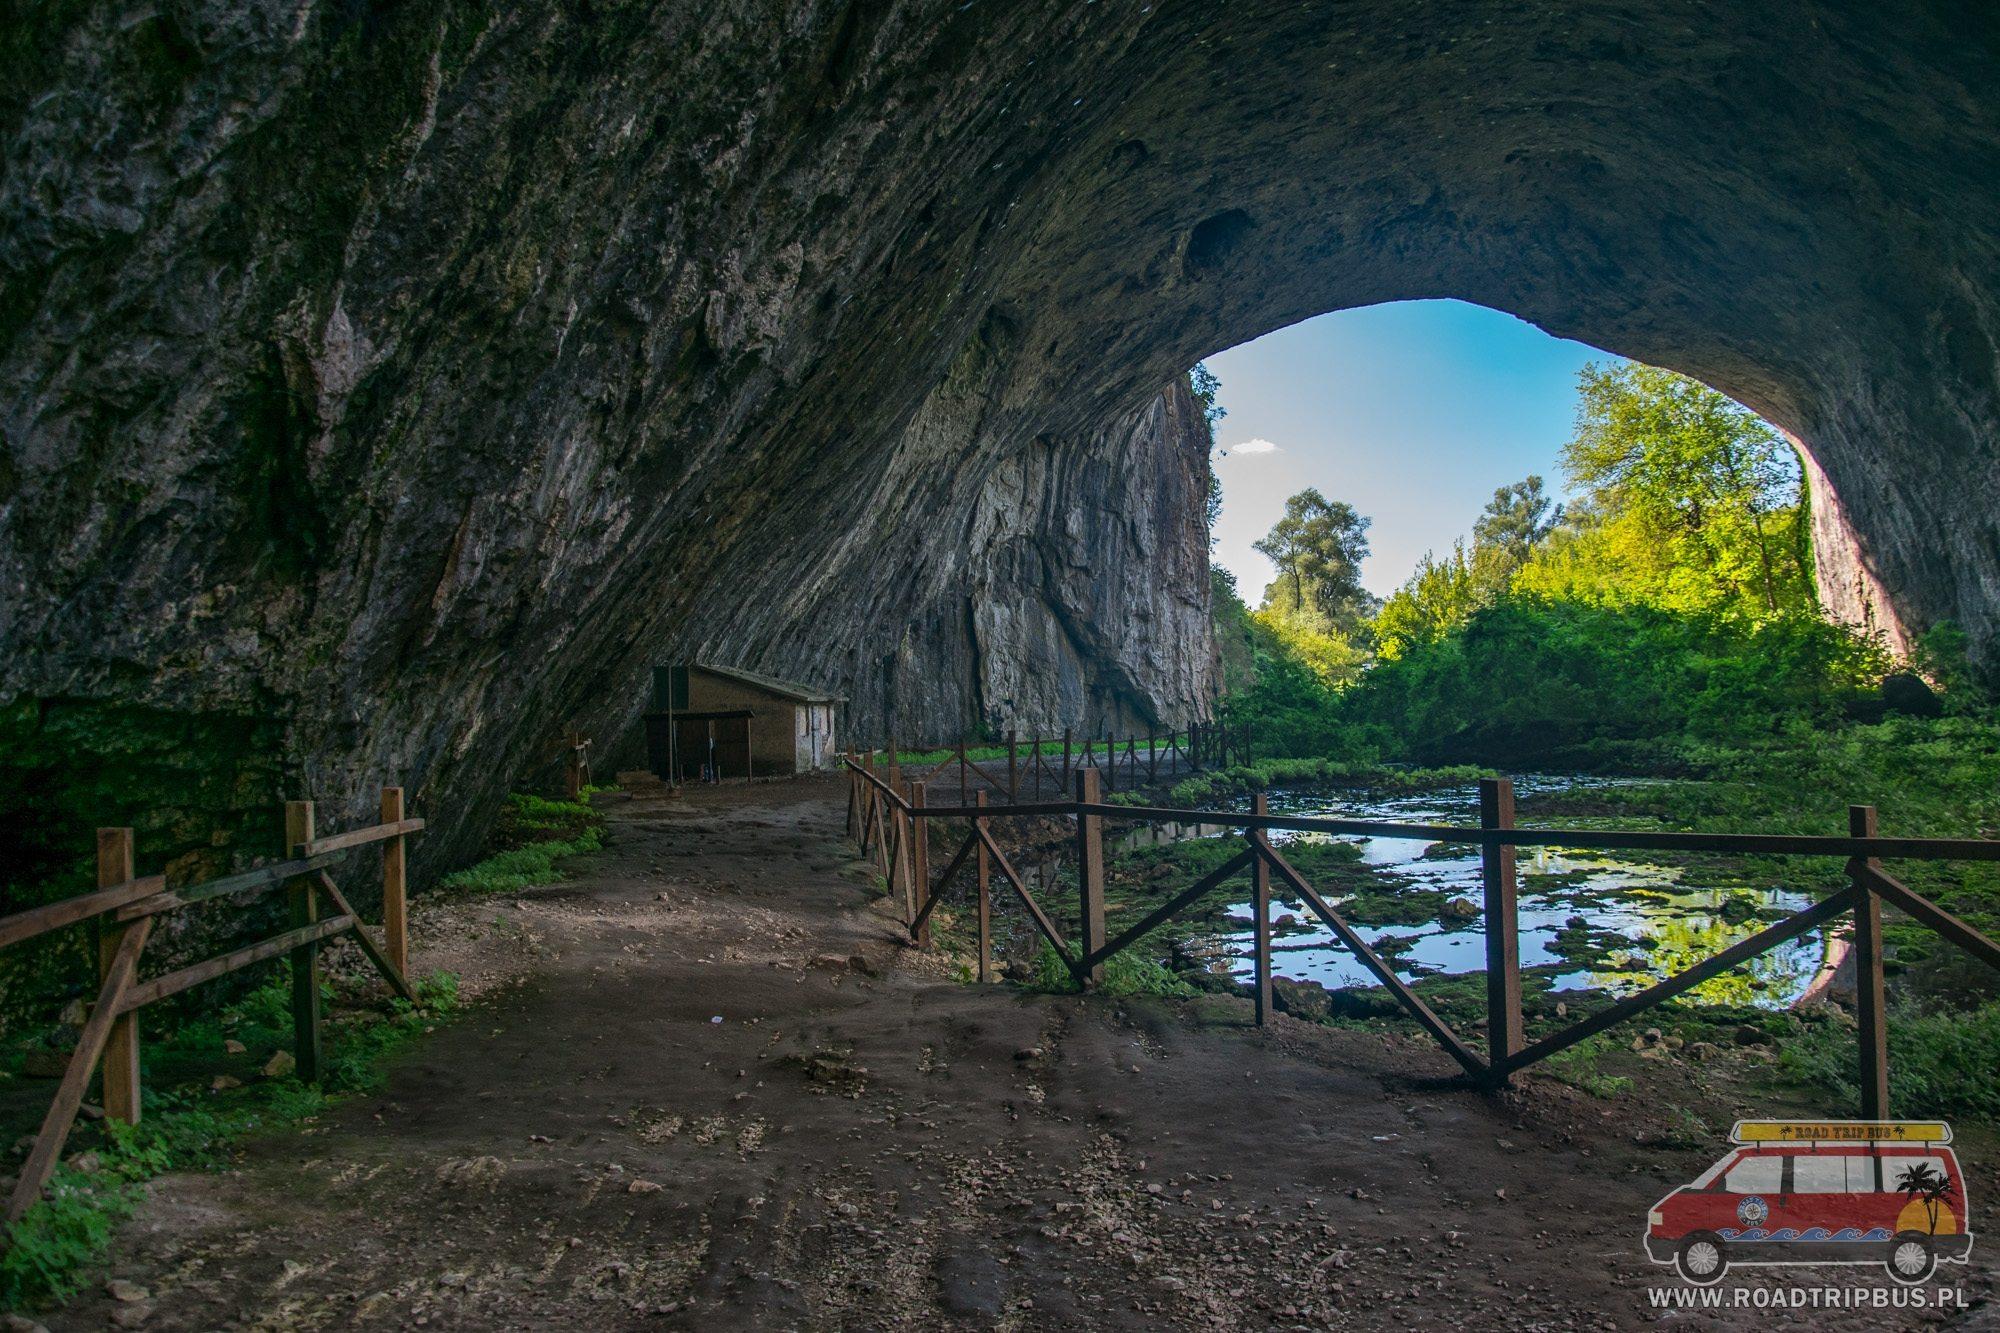 wejście do jaskini dewetaszka